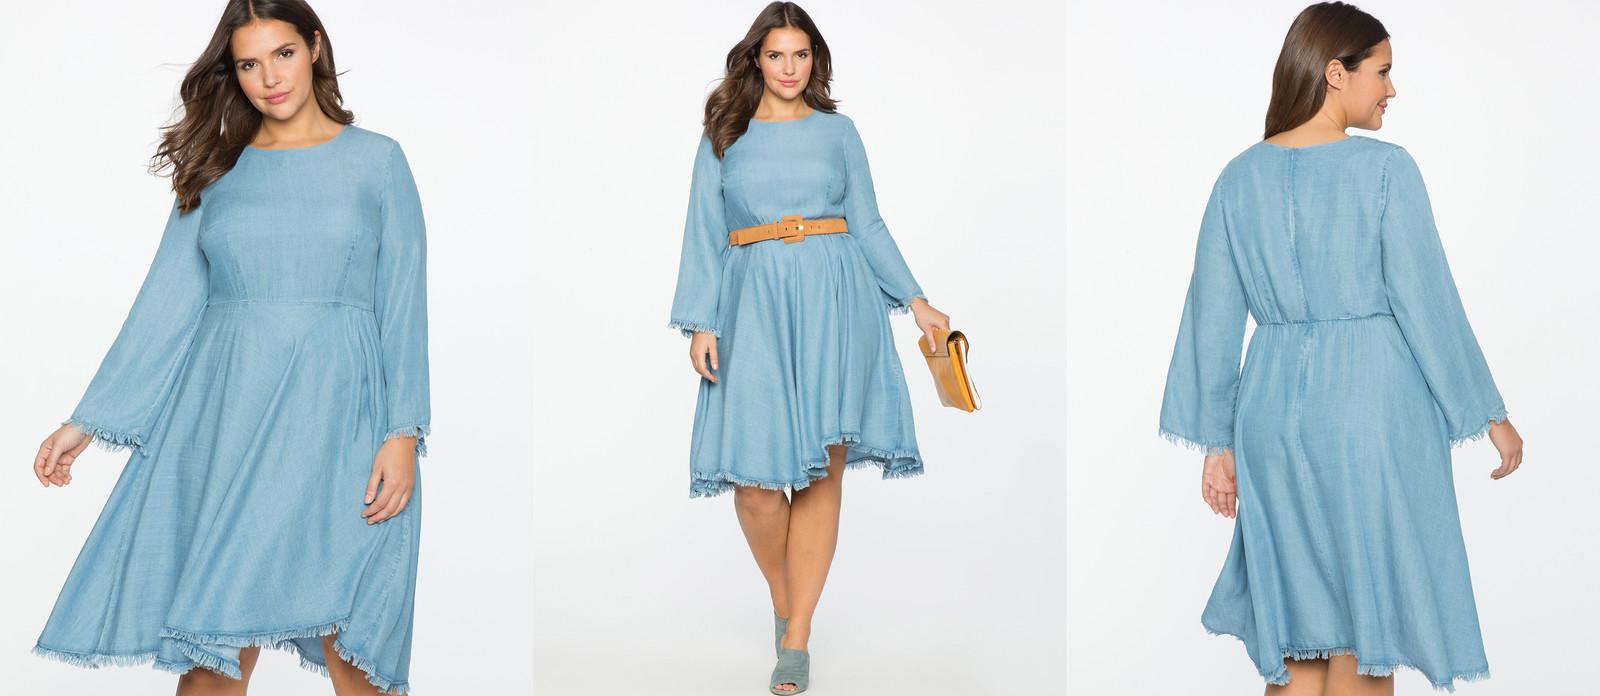 Женская пляжная одежда больших размеров купить